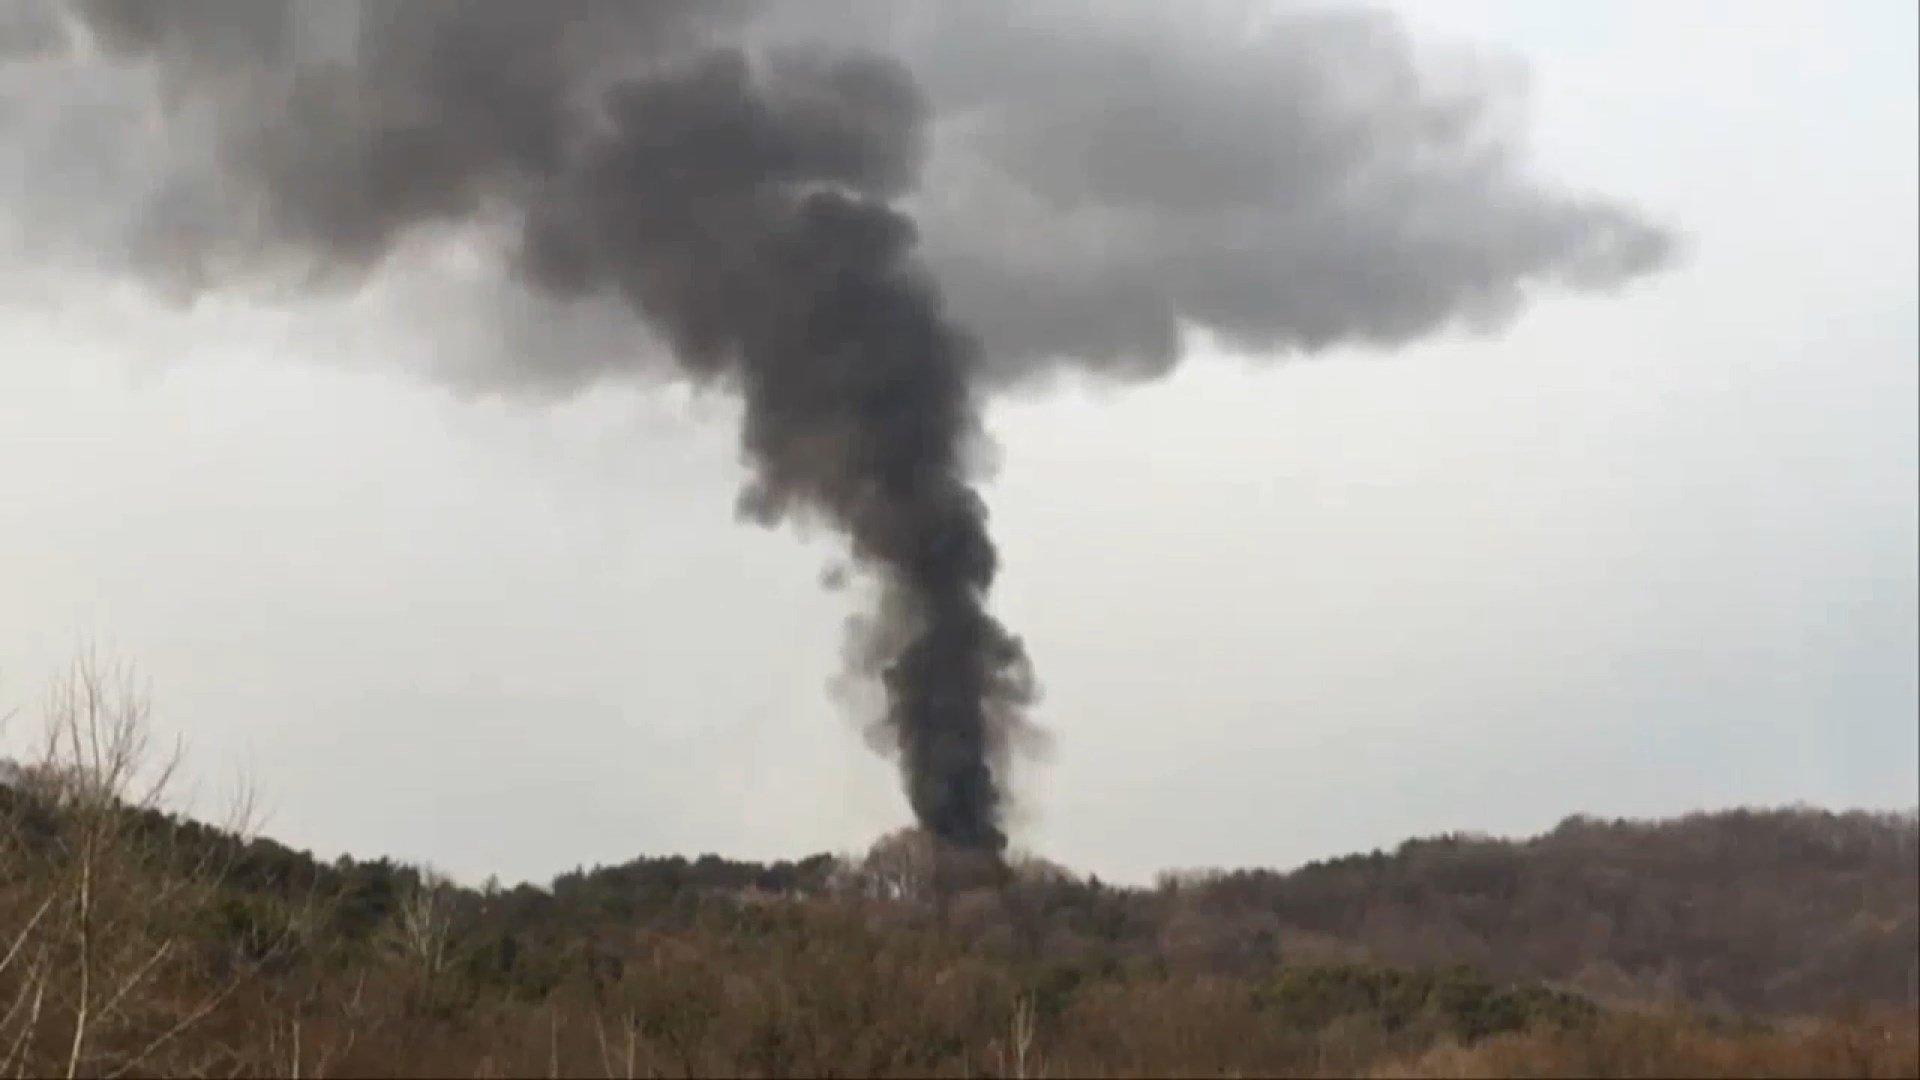 КНДР взорвала межкорейский офис связи в Кэсоне - Фото